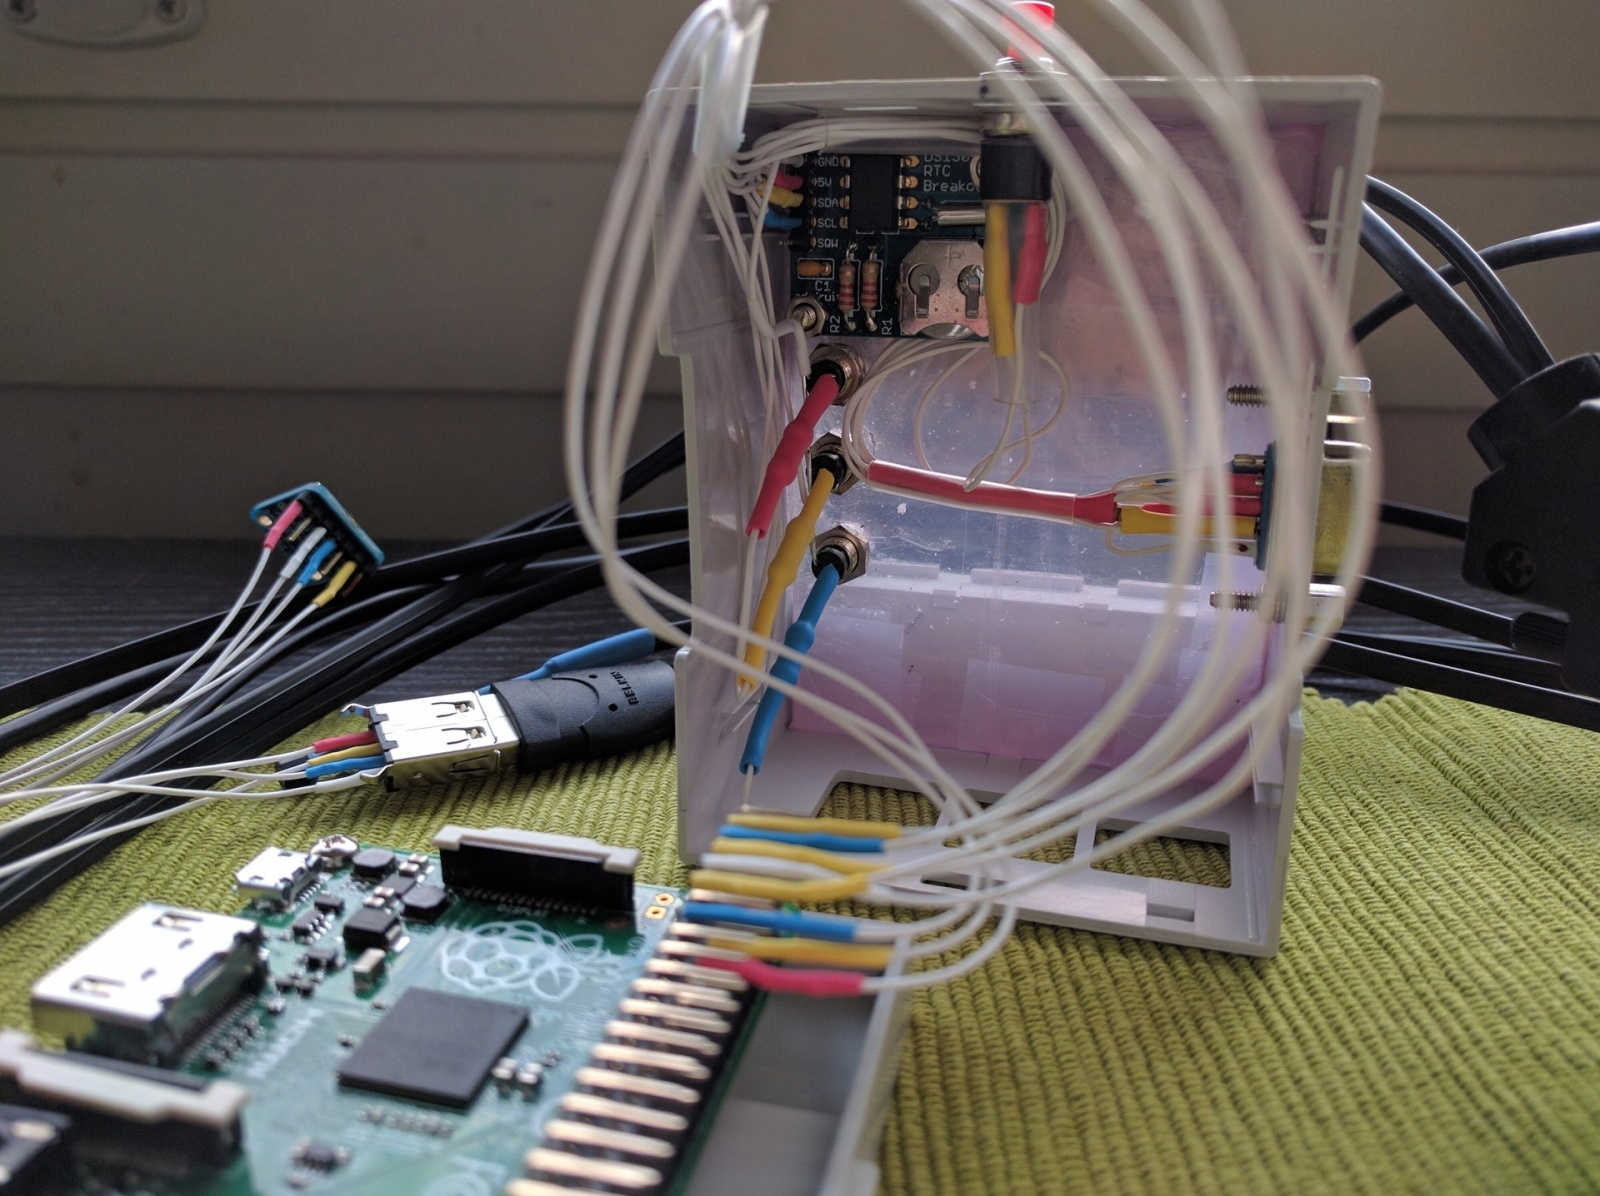 Как я читал показания датчиков через SNMP (Python+AgentX+systemd+Raspberry Pi) и соорудил ещё одну мониторилку - 15